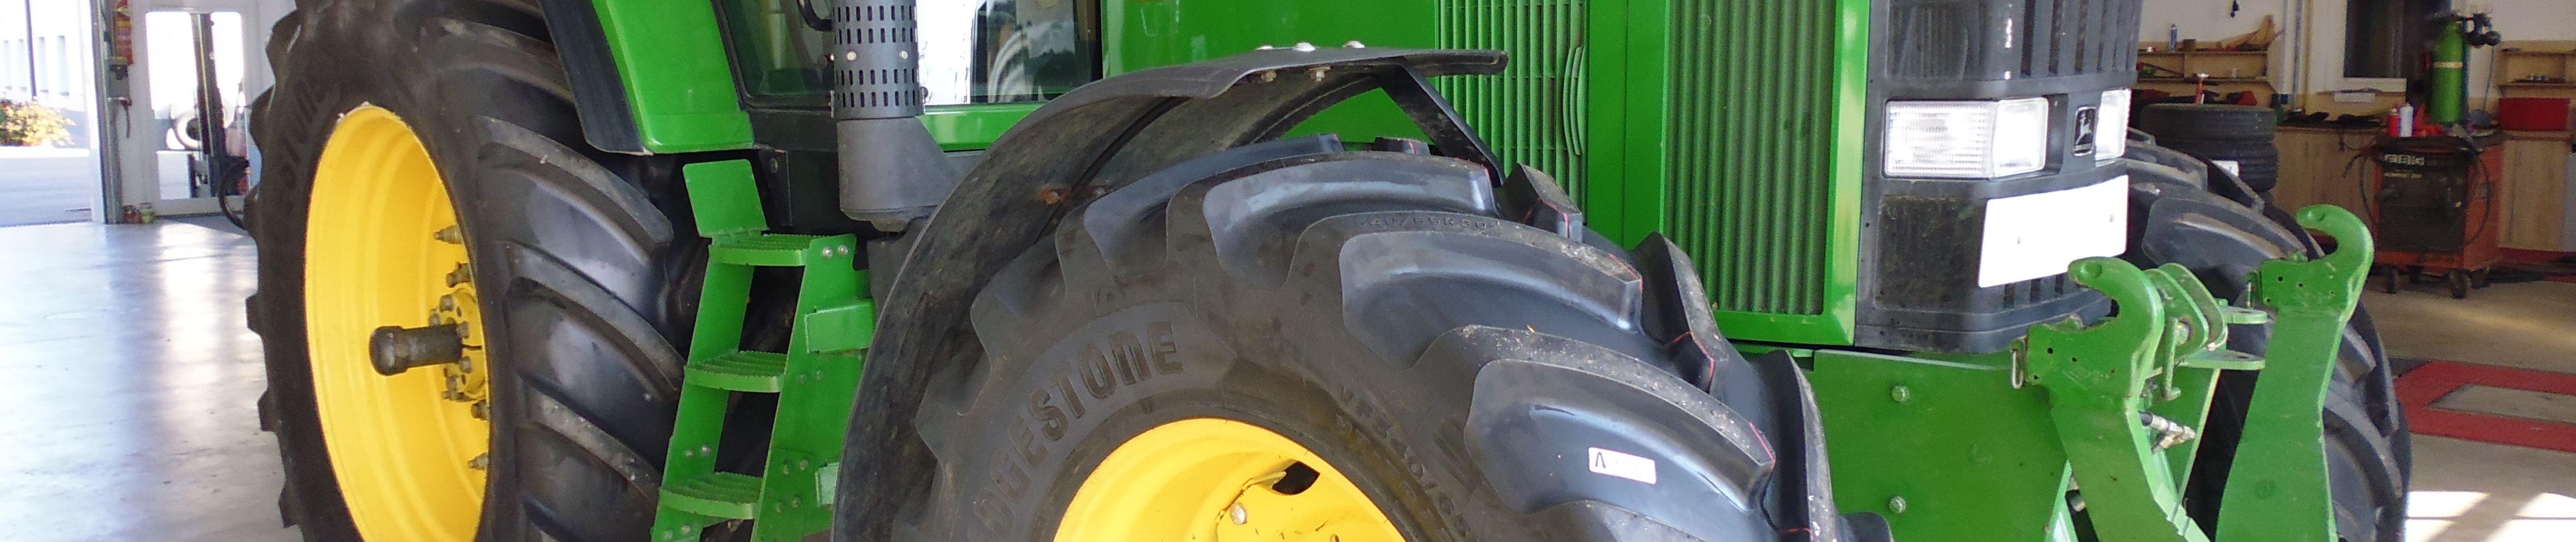 Traktorreifen bei HEBA-Reifen in Mistelbach bei Wels